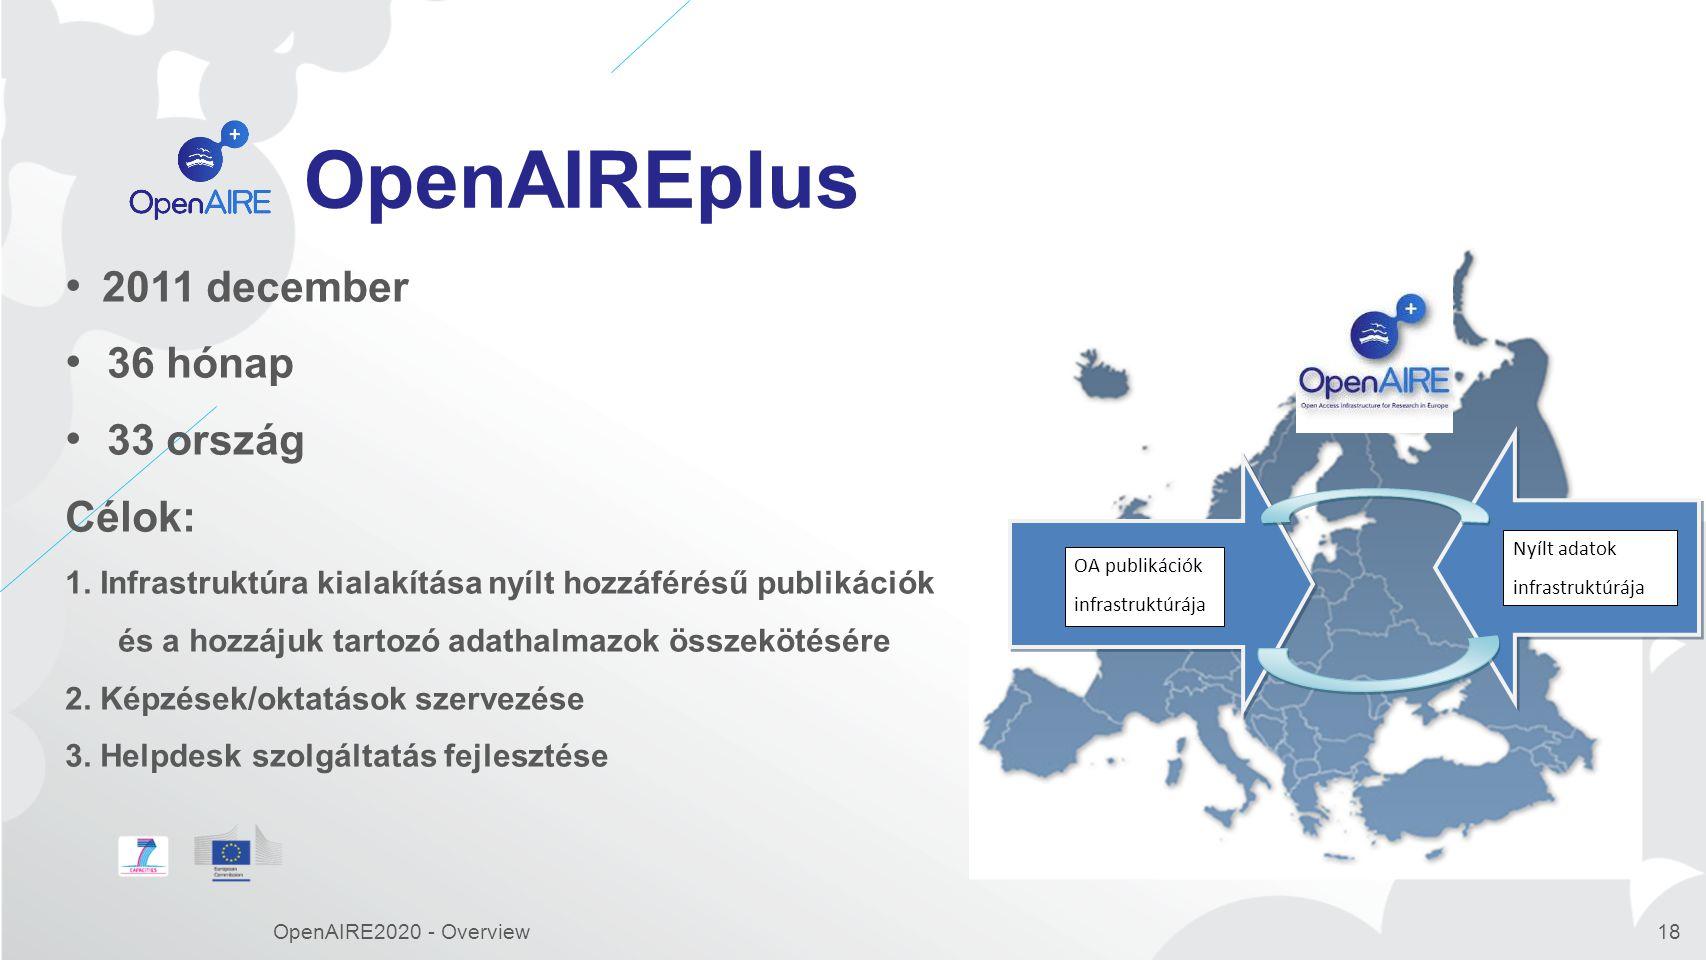 OpenAIREplus 2011 december 36 hónap 33 ország Célok: